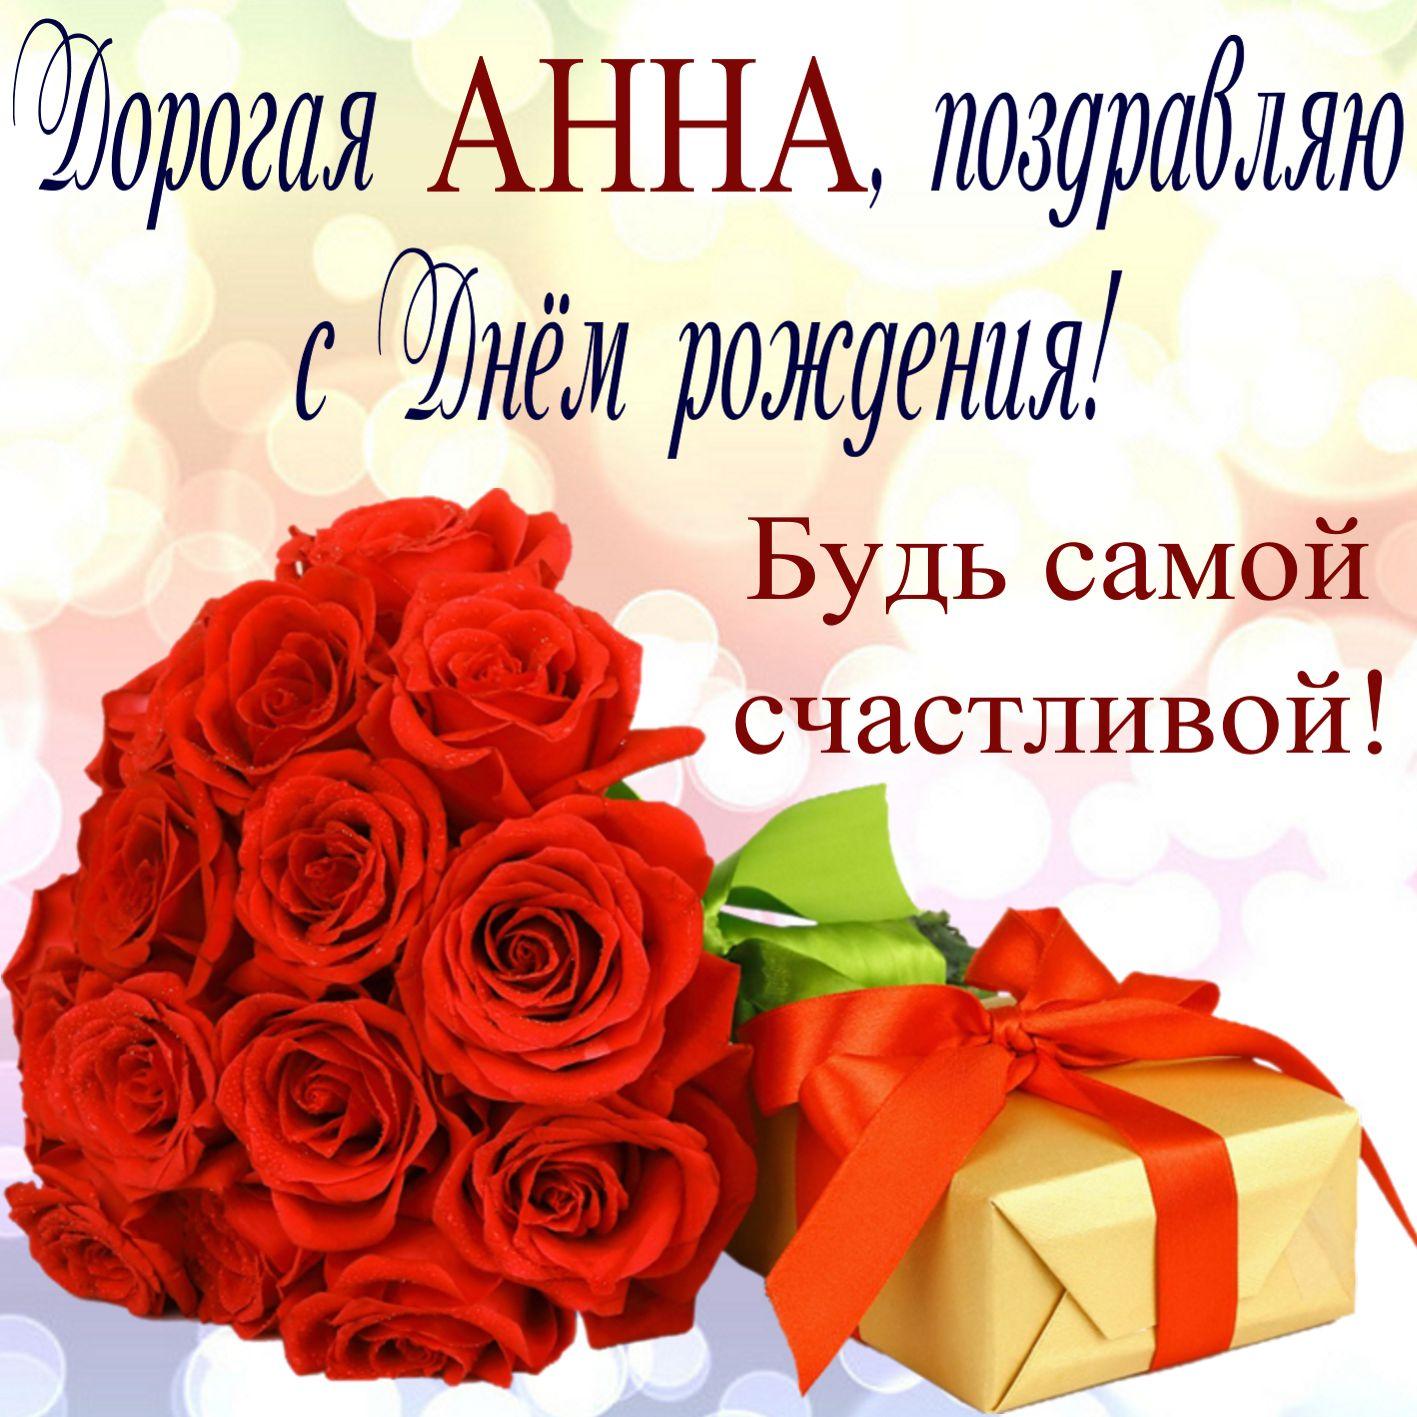 Поздравление, подарок и цветы для Анны